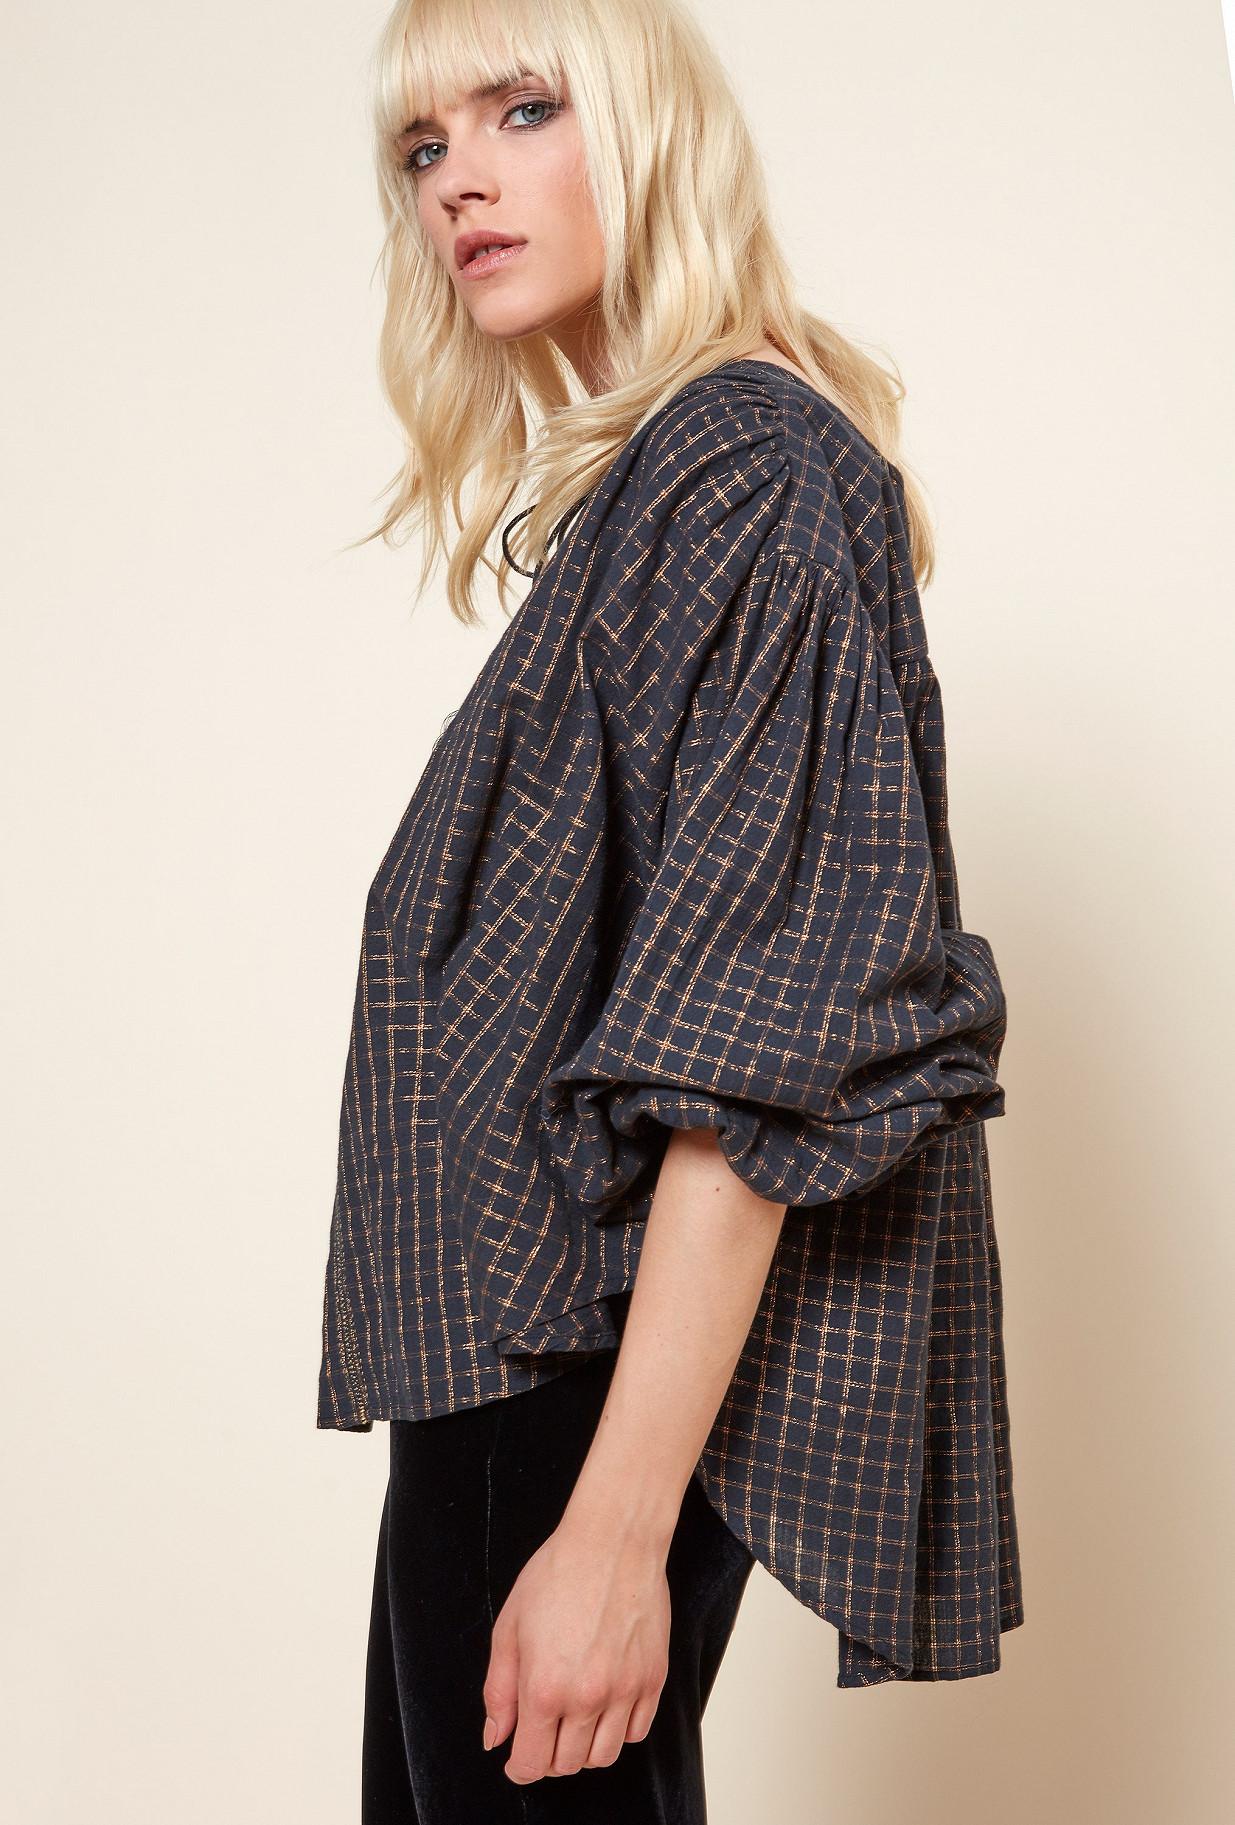 Paris clothes store Blouse Senator french designer fashion Paris